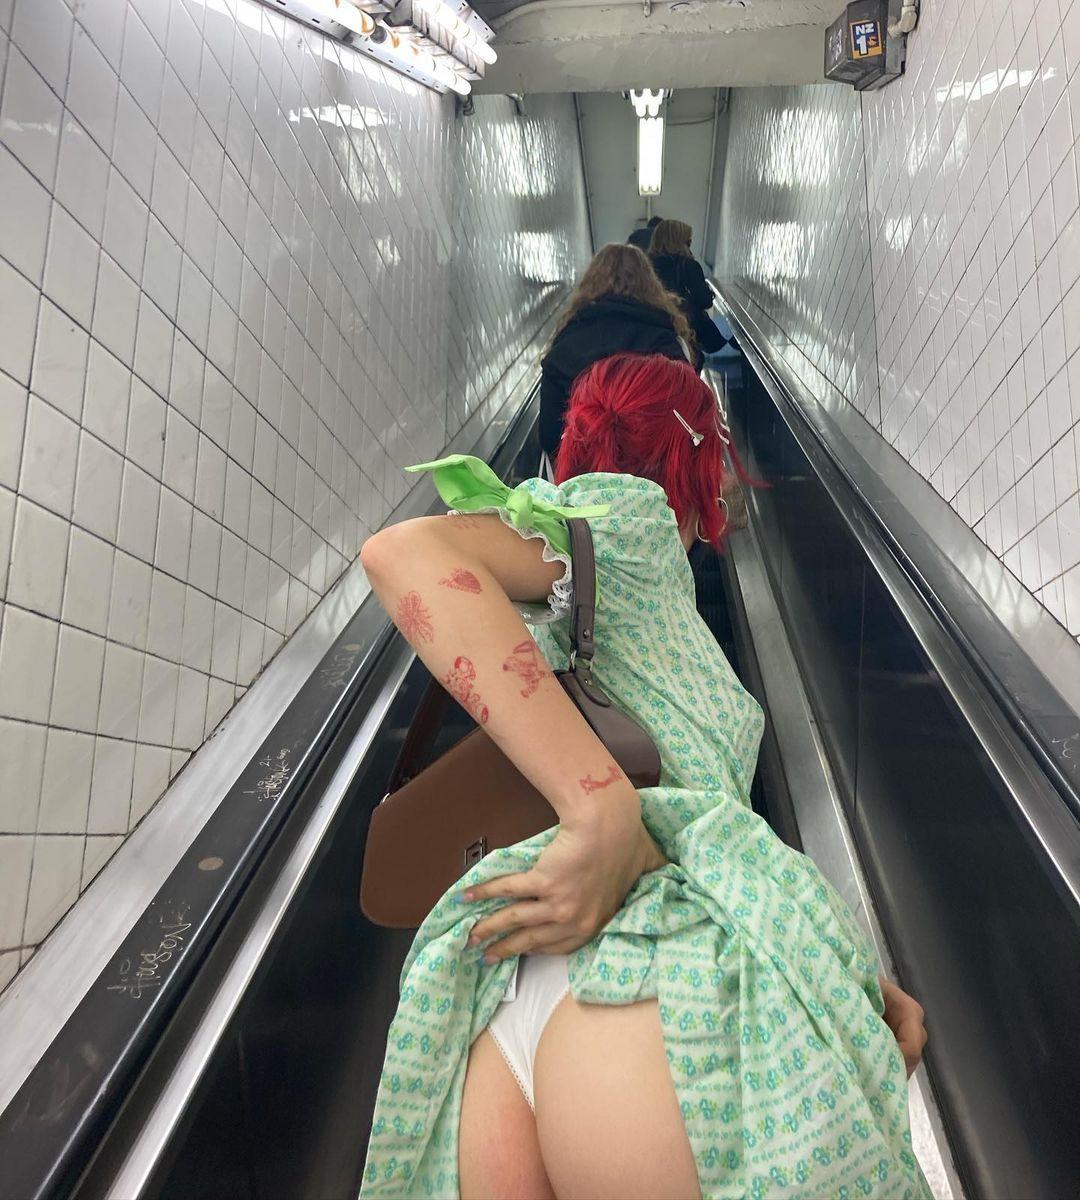 Дочь Урганта показала зад своим подписчикам в метро